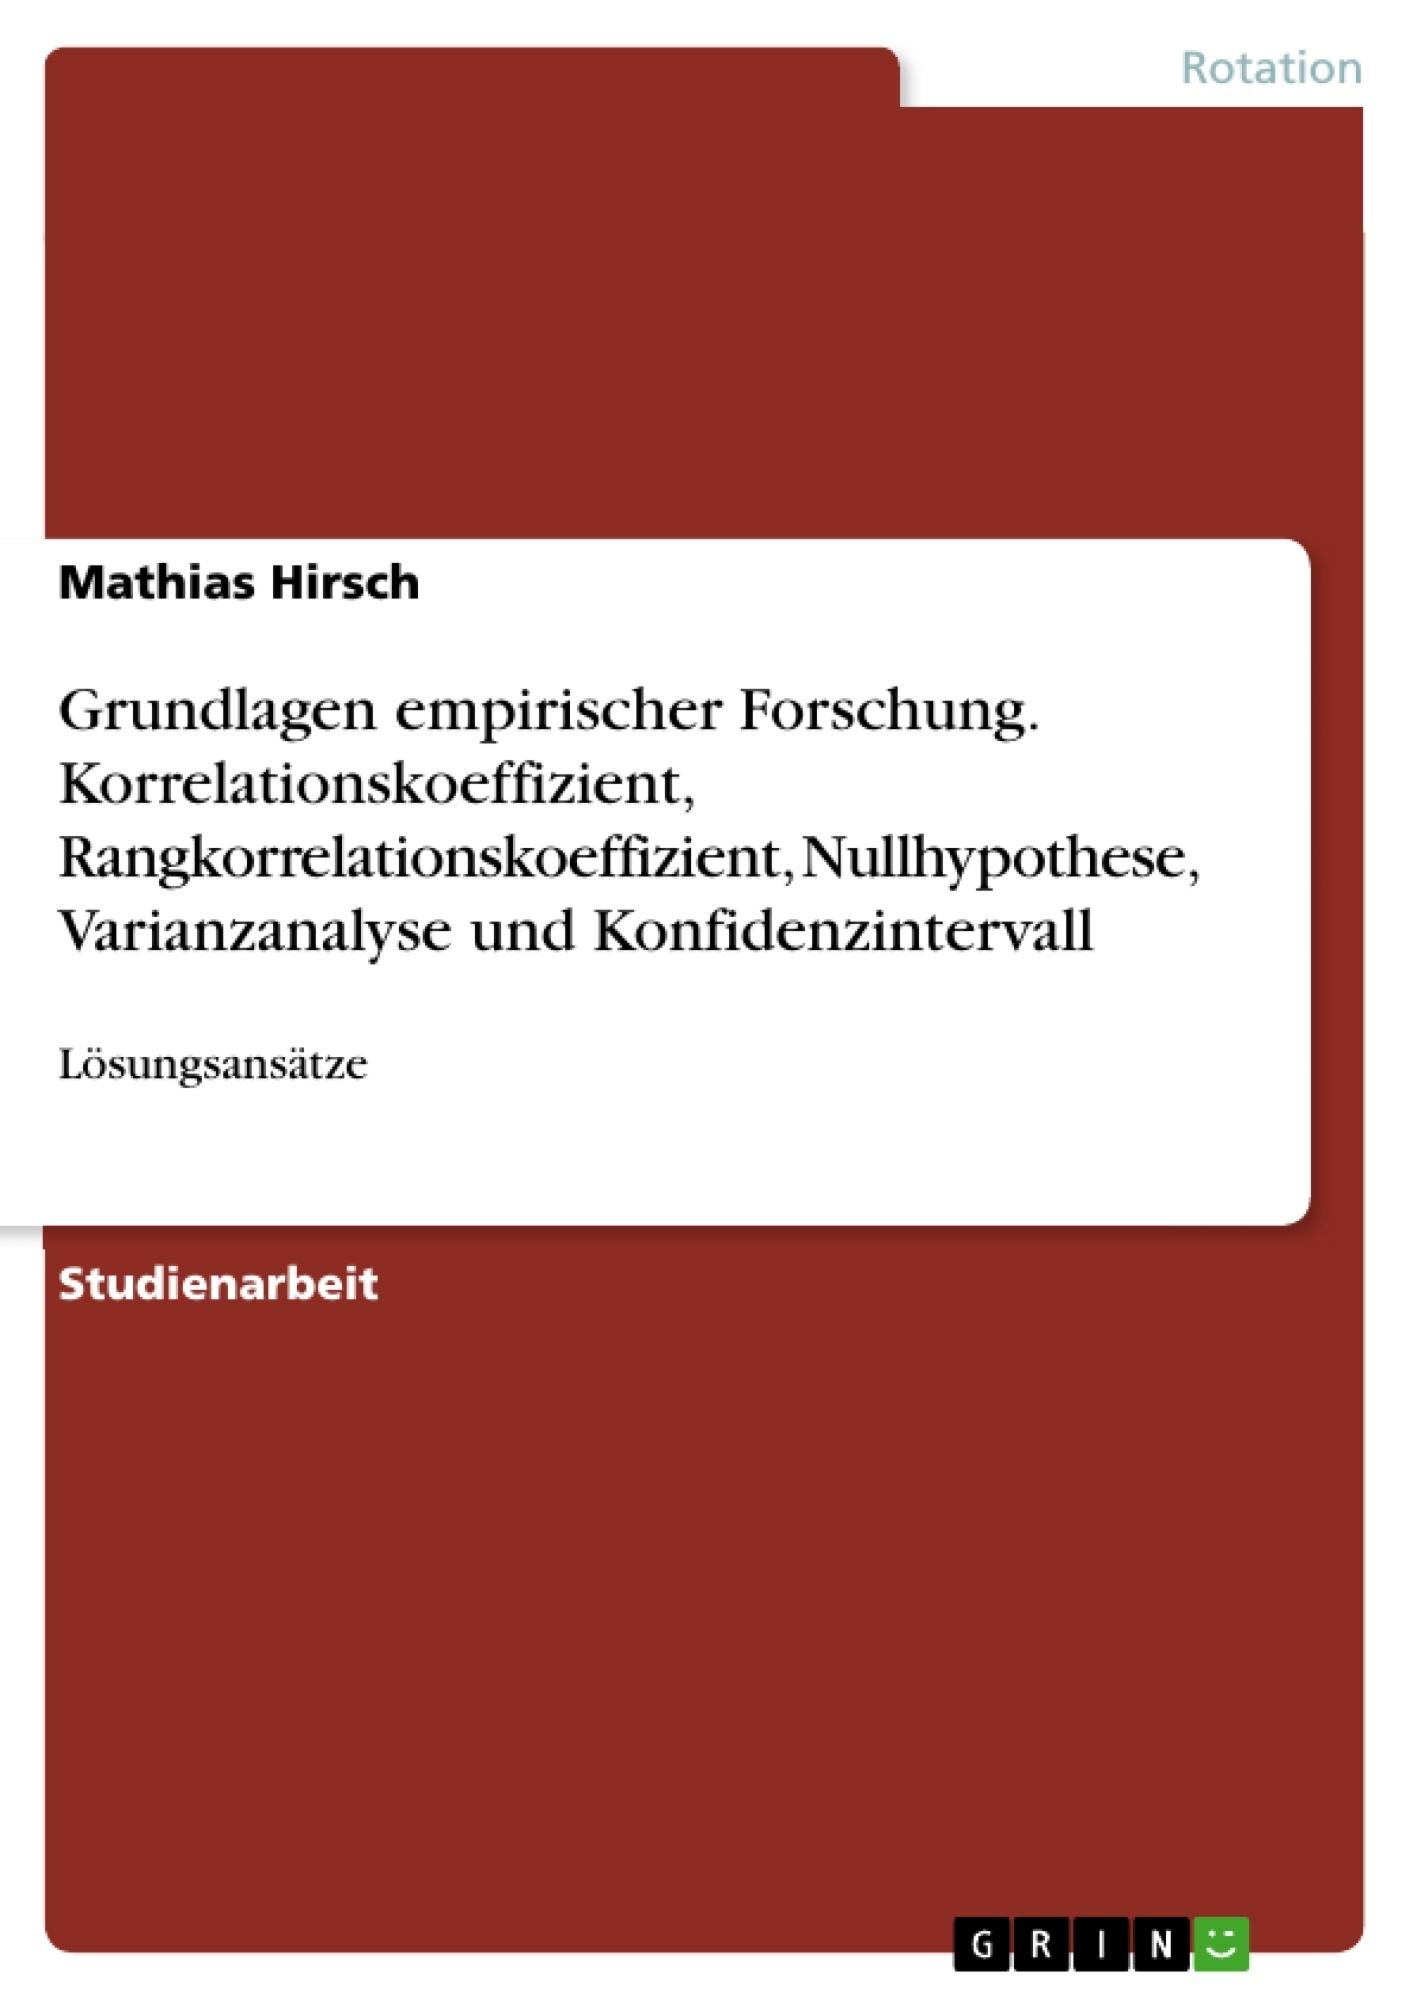 Titel: Grundlagen empirischer Forschung.  Korrelationskoeffizient, Rangkorrelationskoeffizient, Nullhypothese, Varianzanalyse und Konfidenzintervall